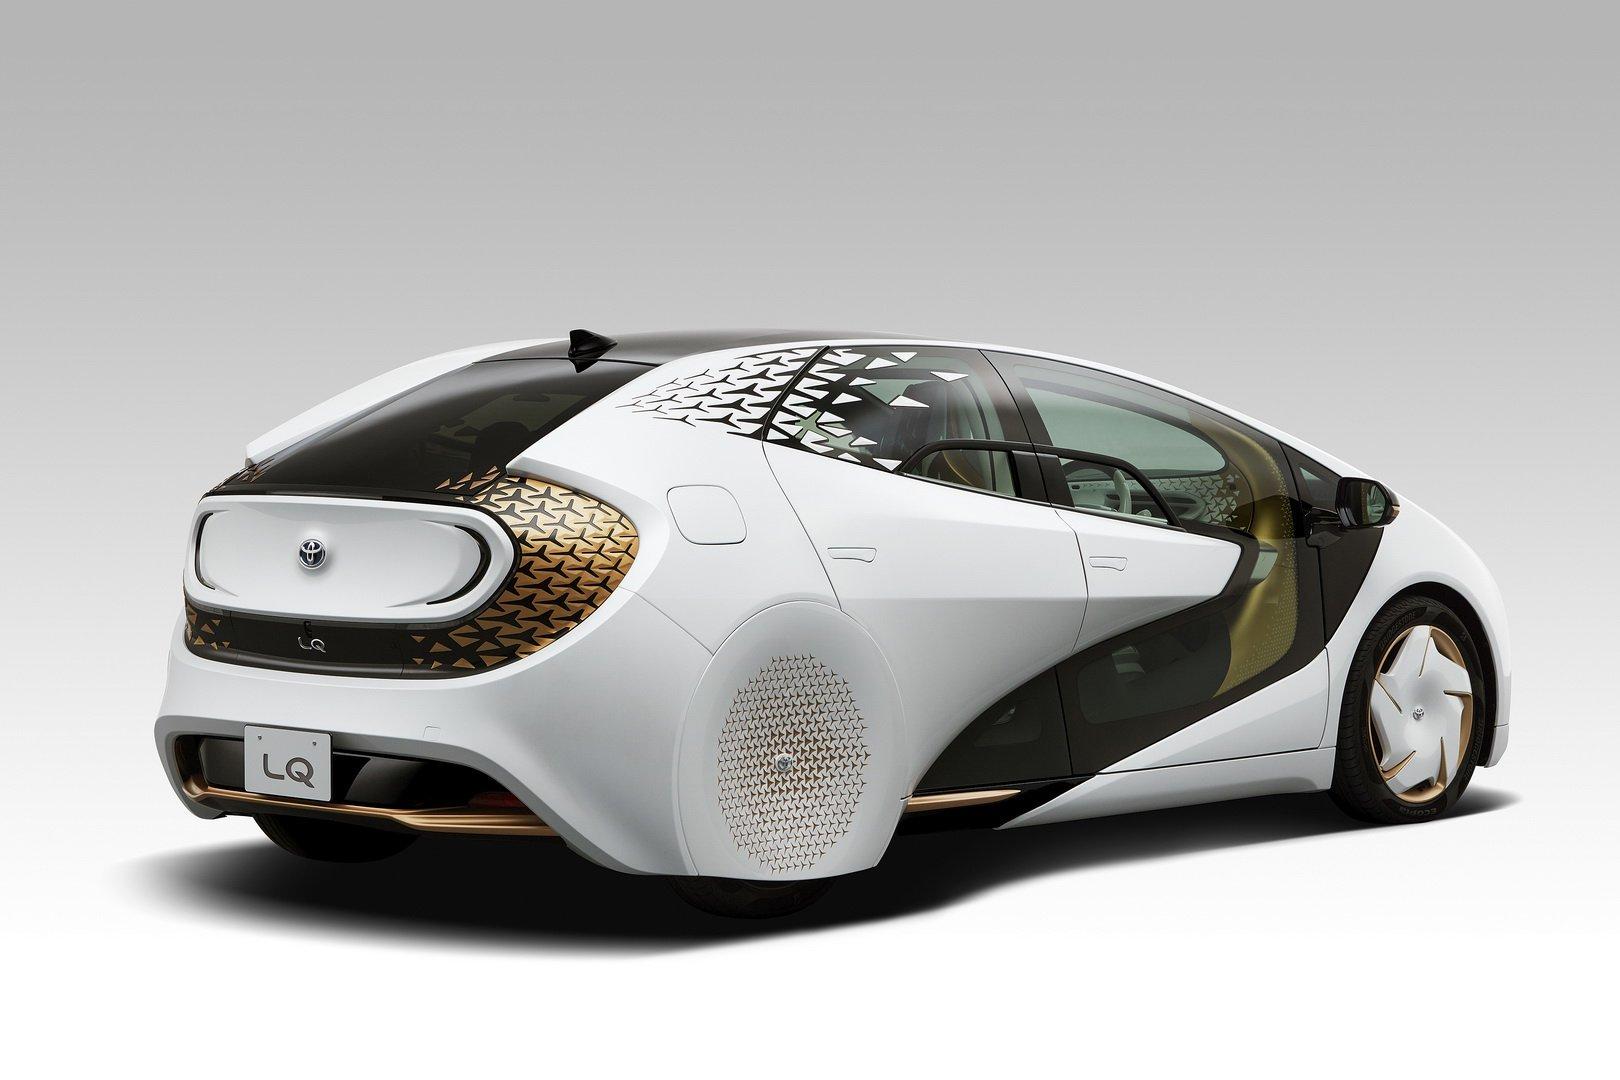 لکسوس و تویوتا تا ۲۰۲۱ سه خودروی الکتریکی جدید خود را عرضه میکنند +تصاویر